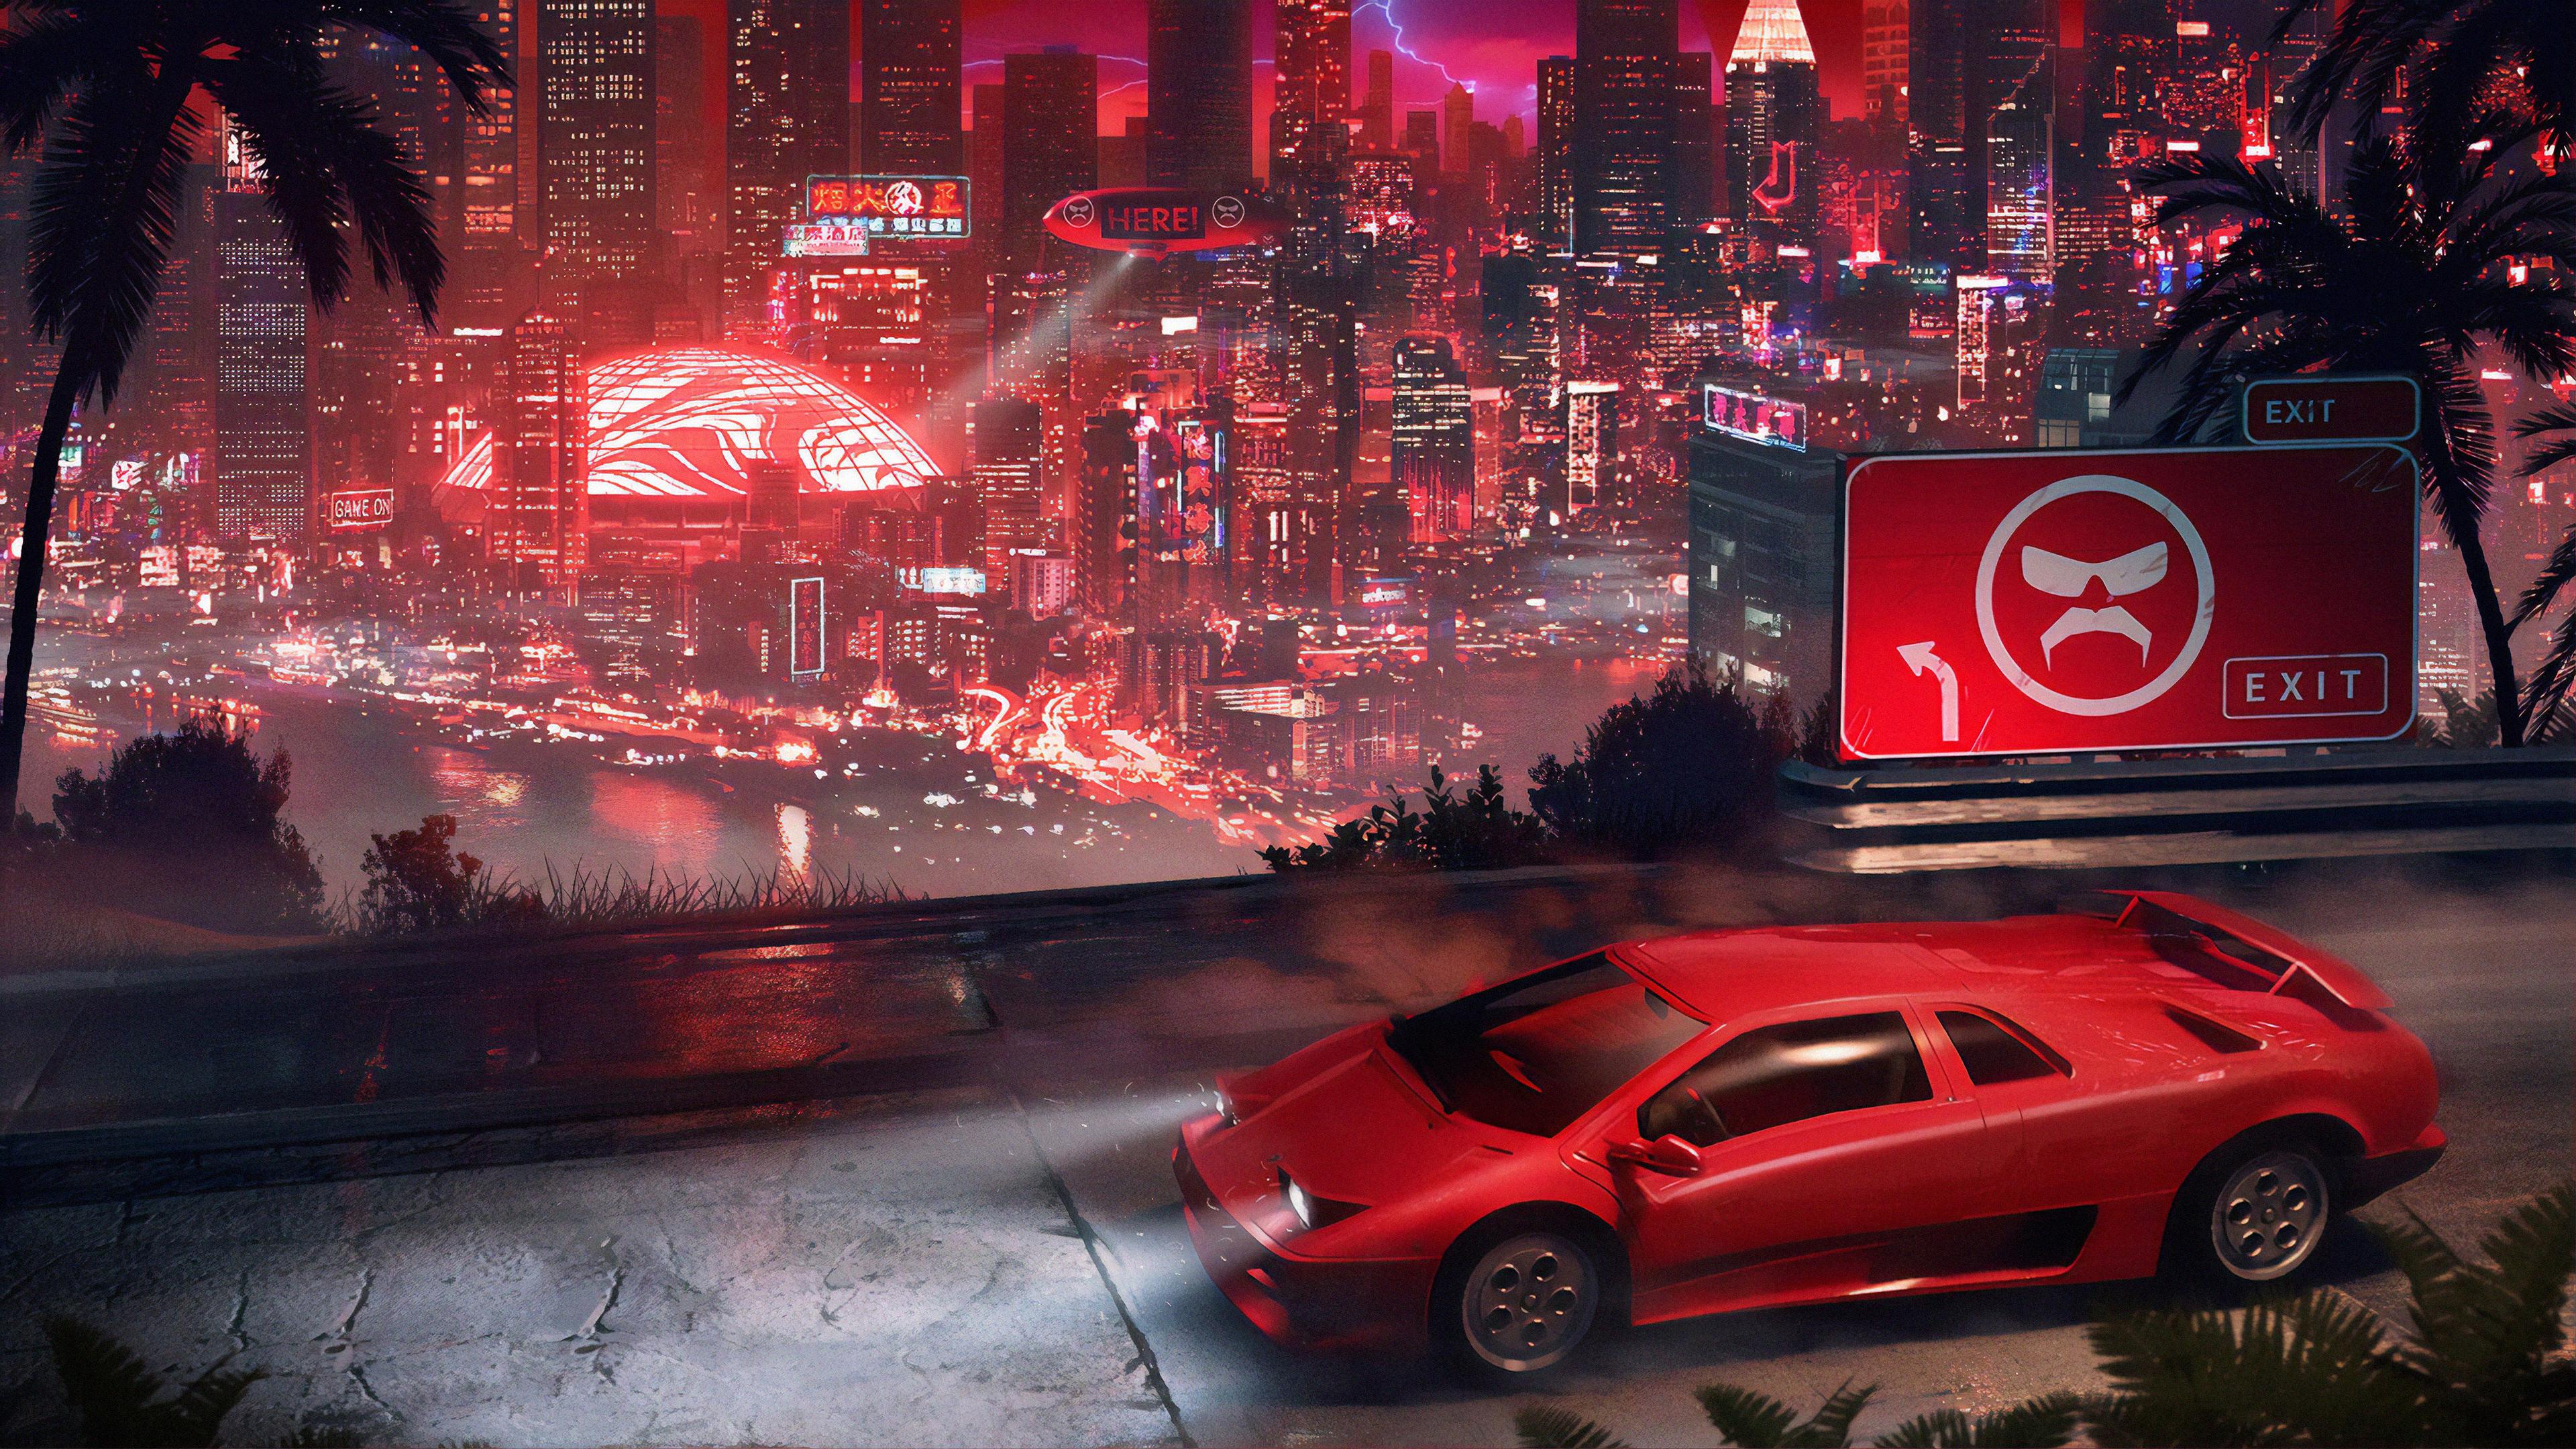 lamborghini city cyberpunk 1563222124 - Lamborghini City Cyberpunk - lamborghini wallpapers, hd-wallpapers, digital art wallpapers, cars wallpapers, artwork wallpapers, artstation wallpapers, artist wallpapers, 4k-wallpapers